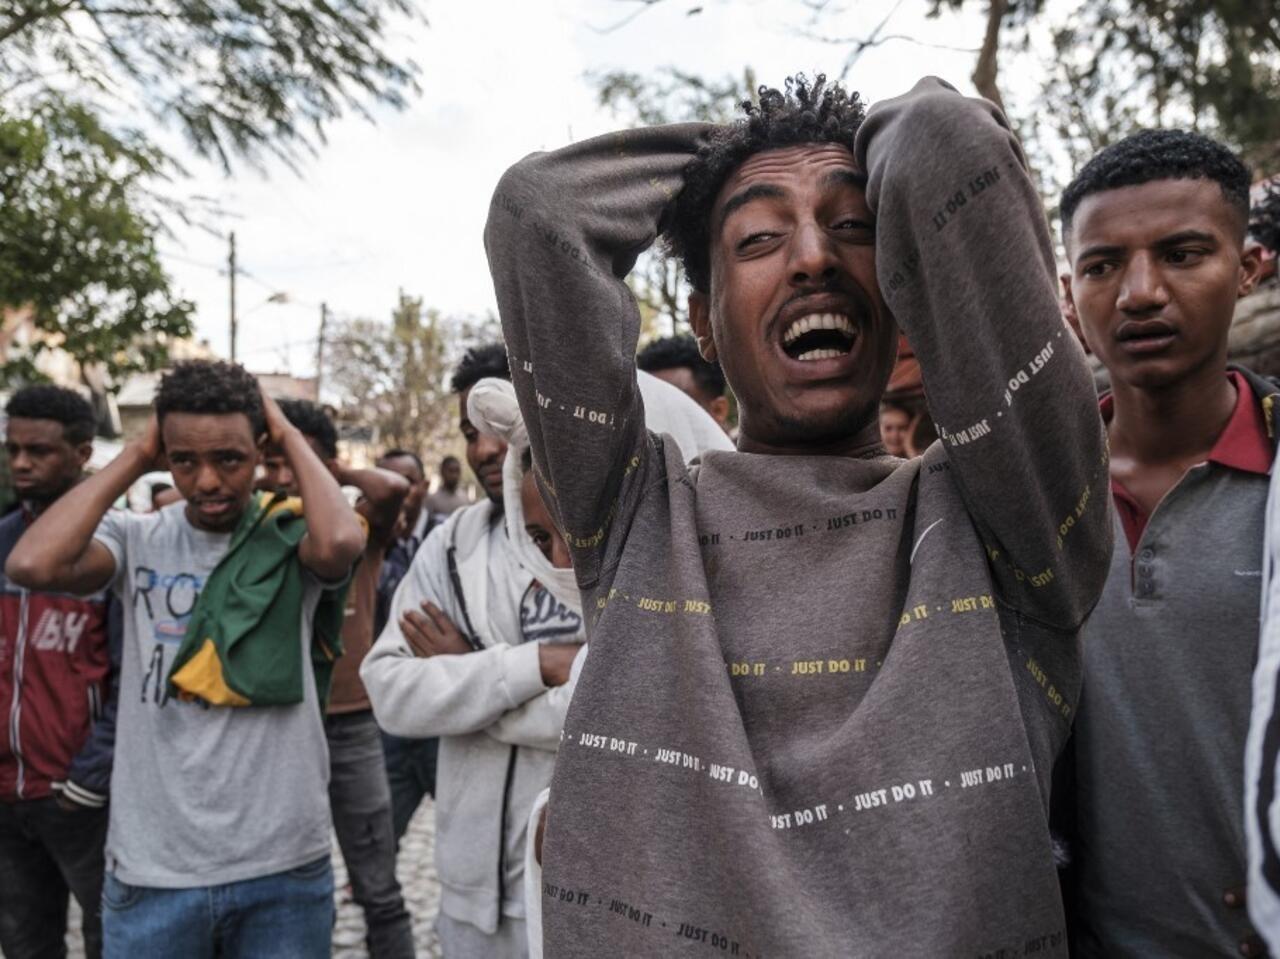 Ethiopie: les révélations sur les crimes commis au Tigré se multiplient